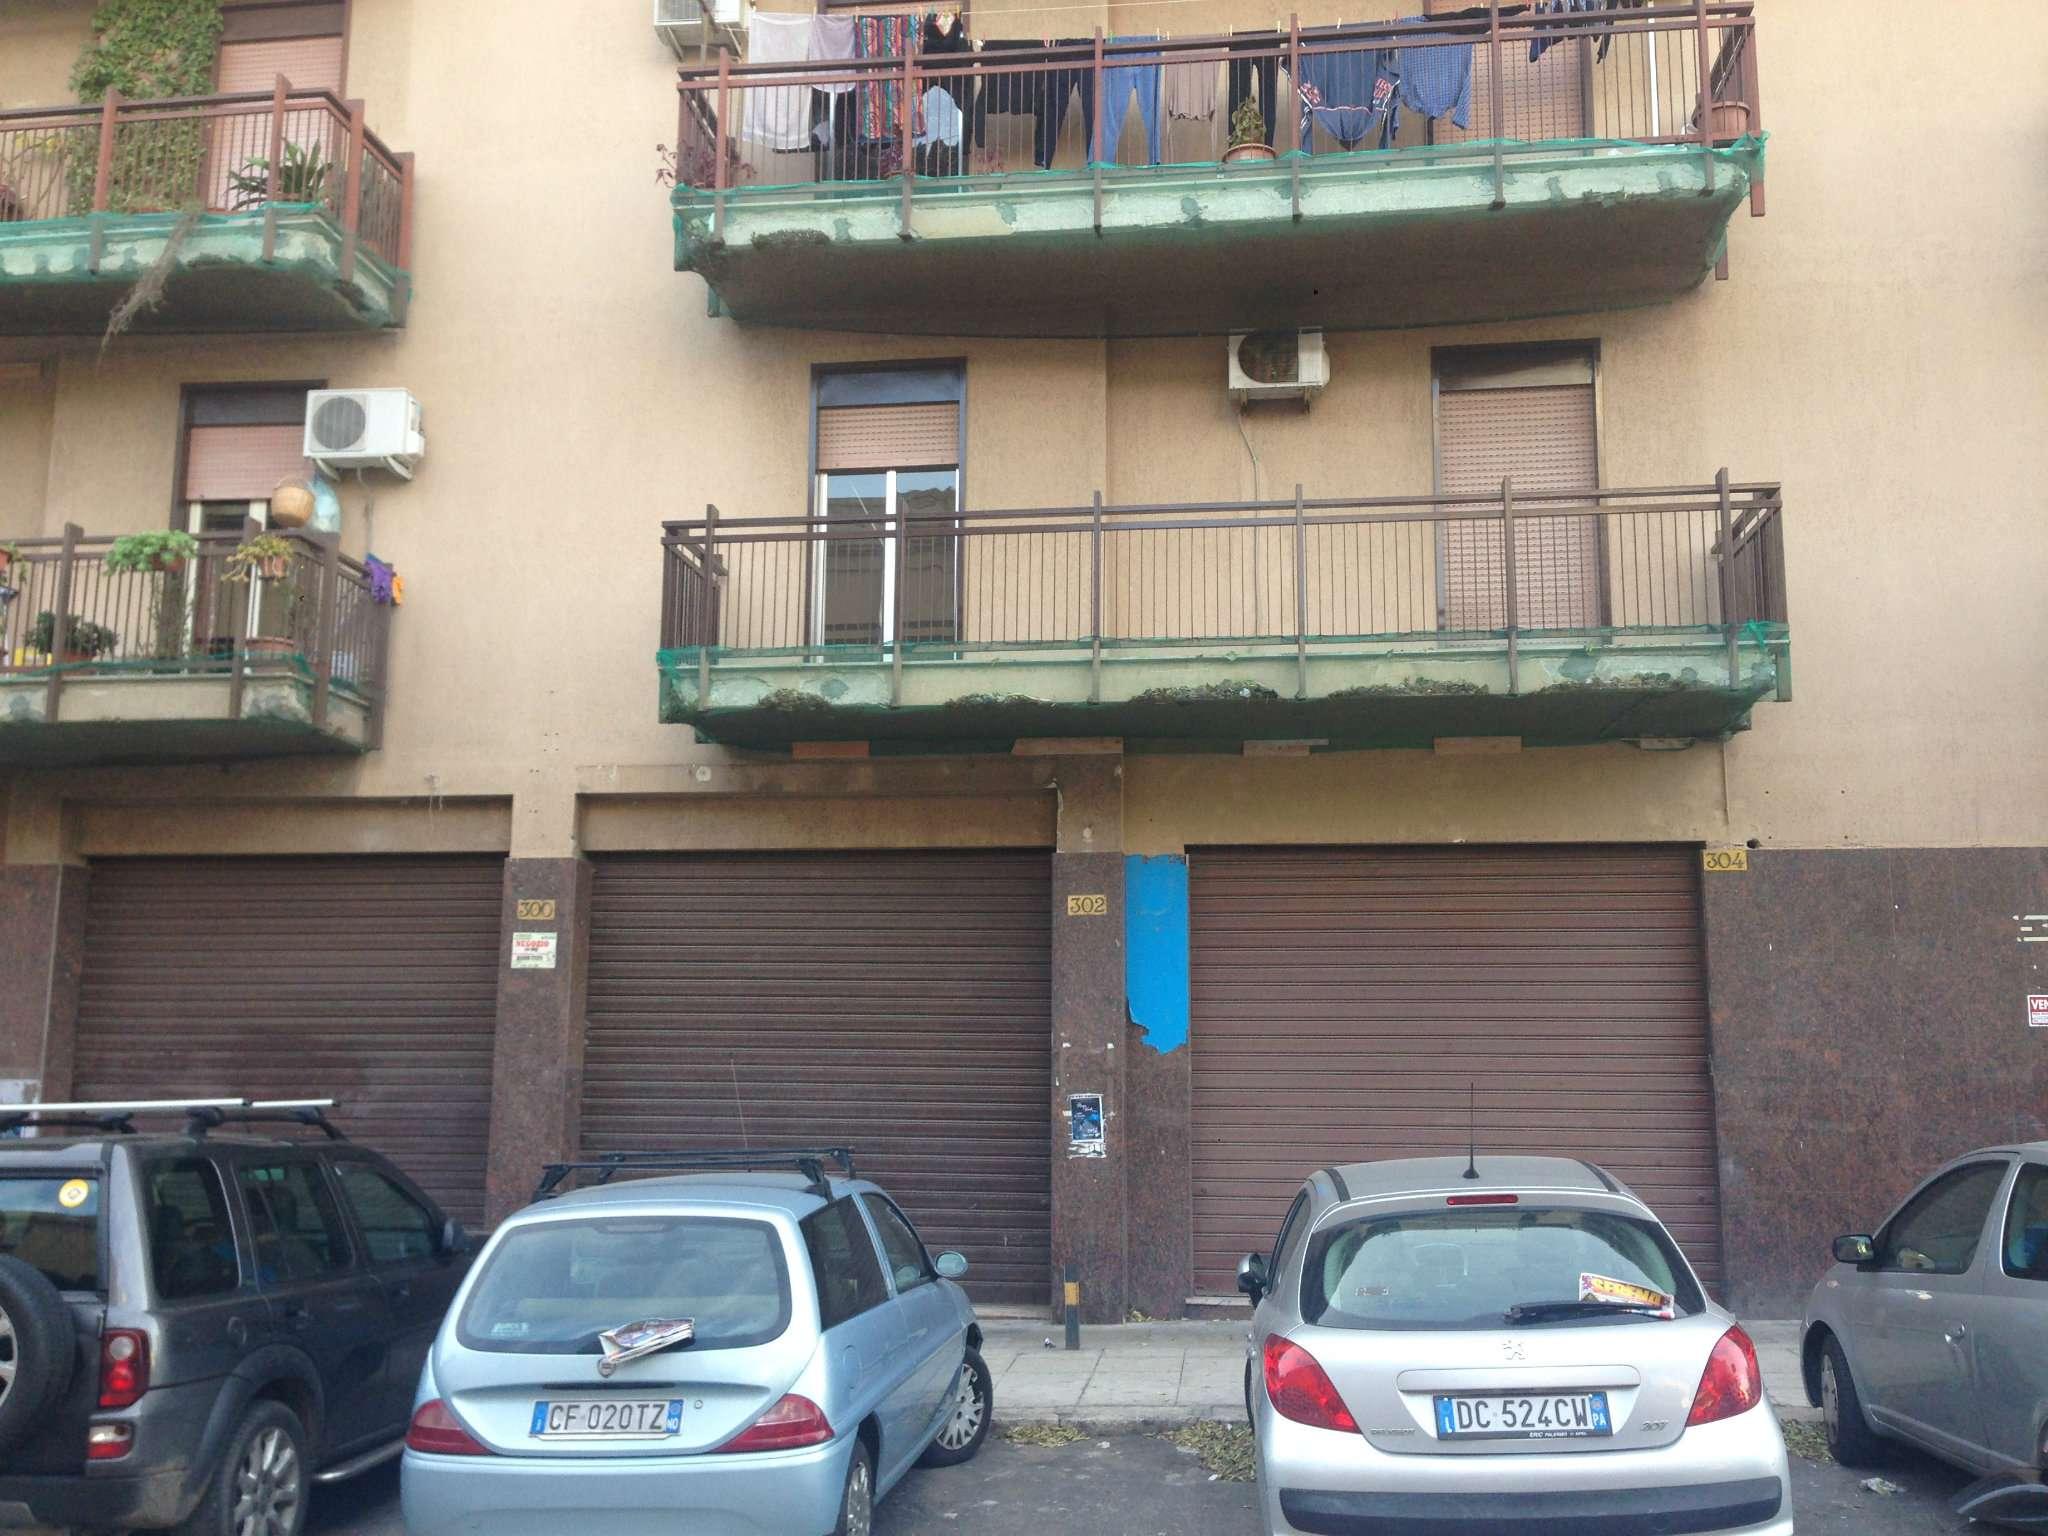 Negozio-locale in Vendita a Palermo: 1 locali, 70 mq